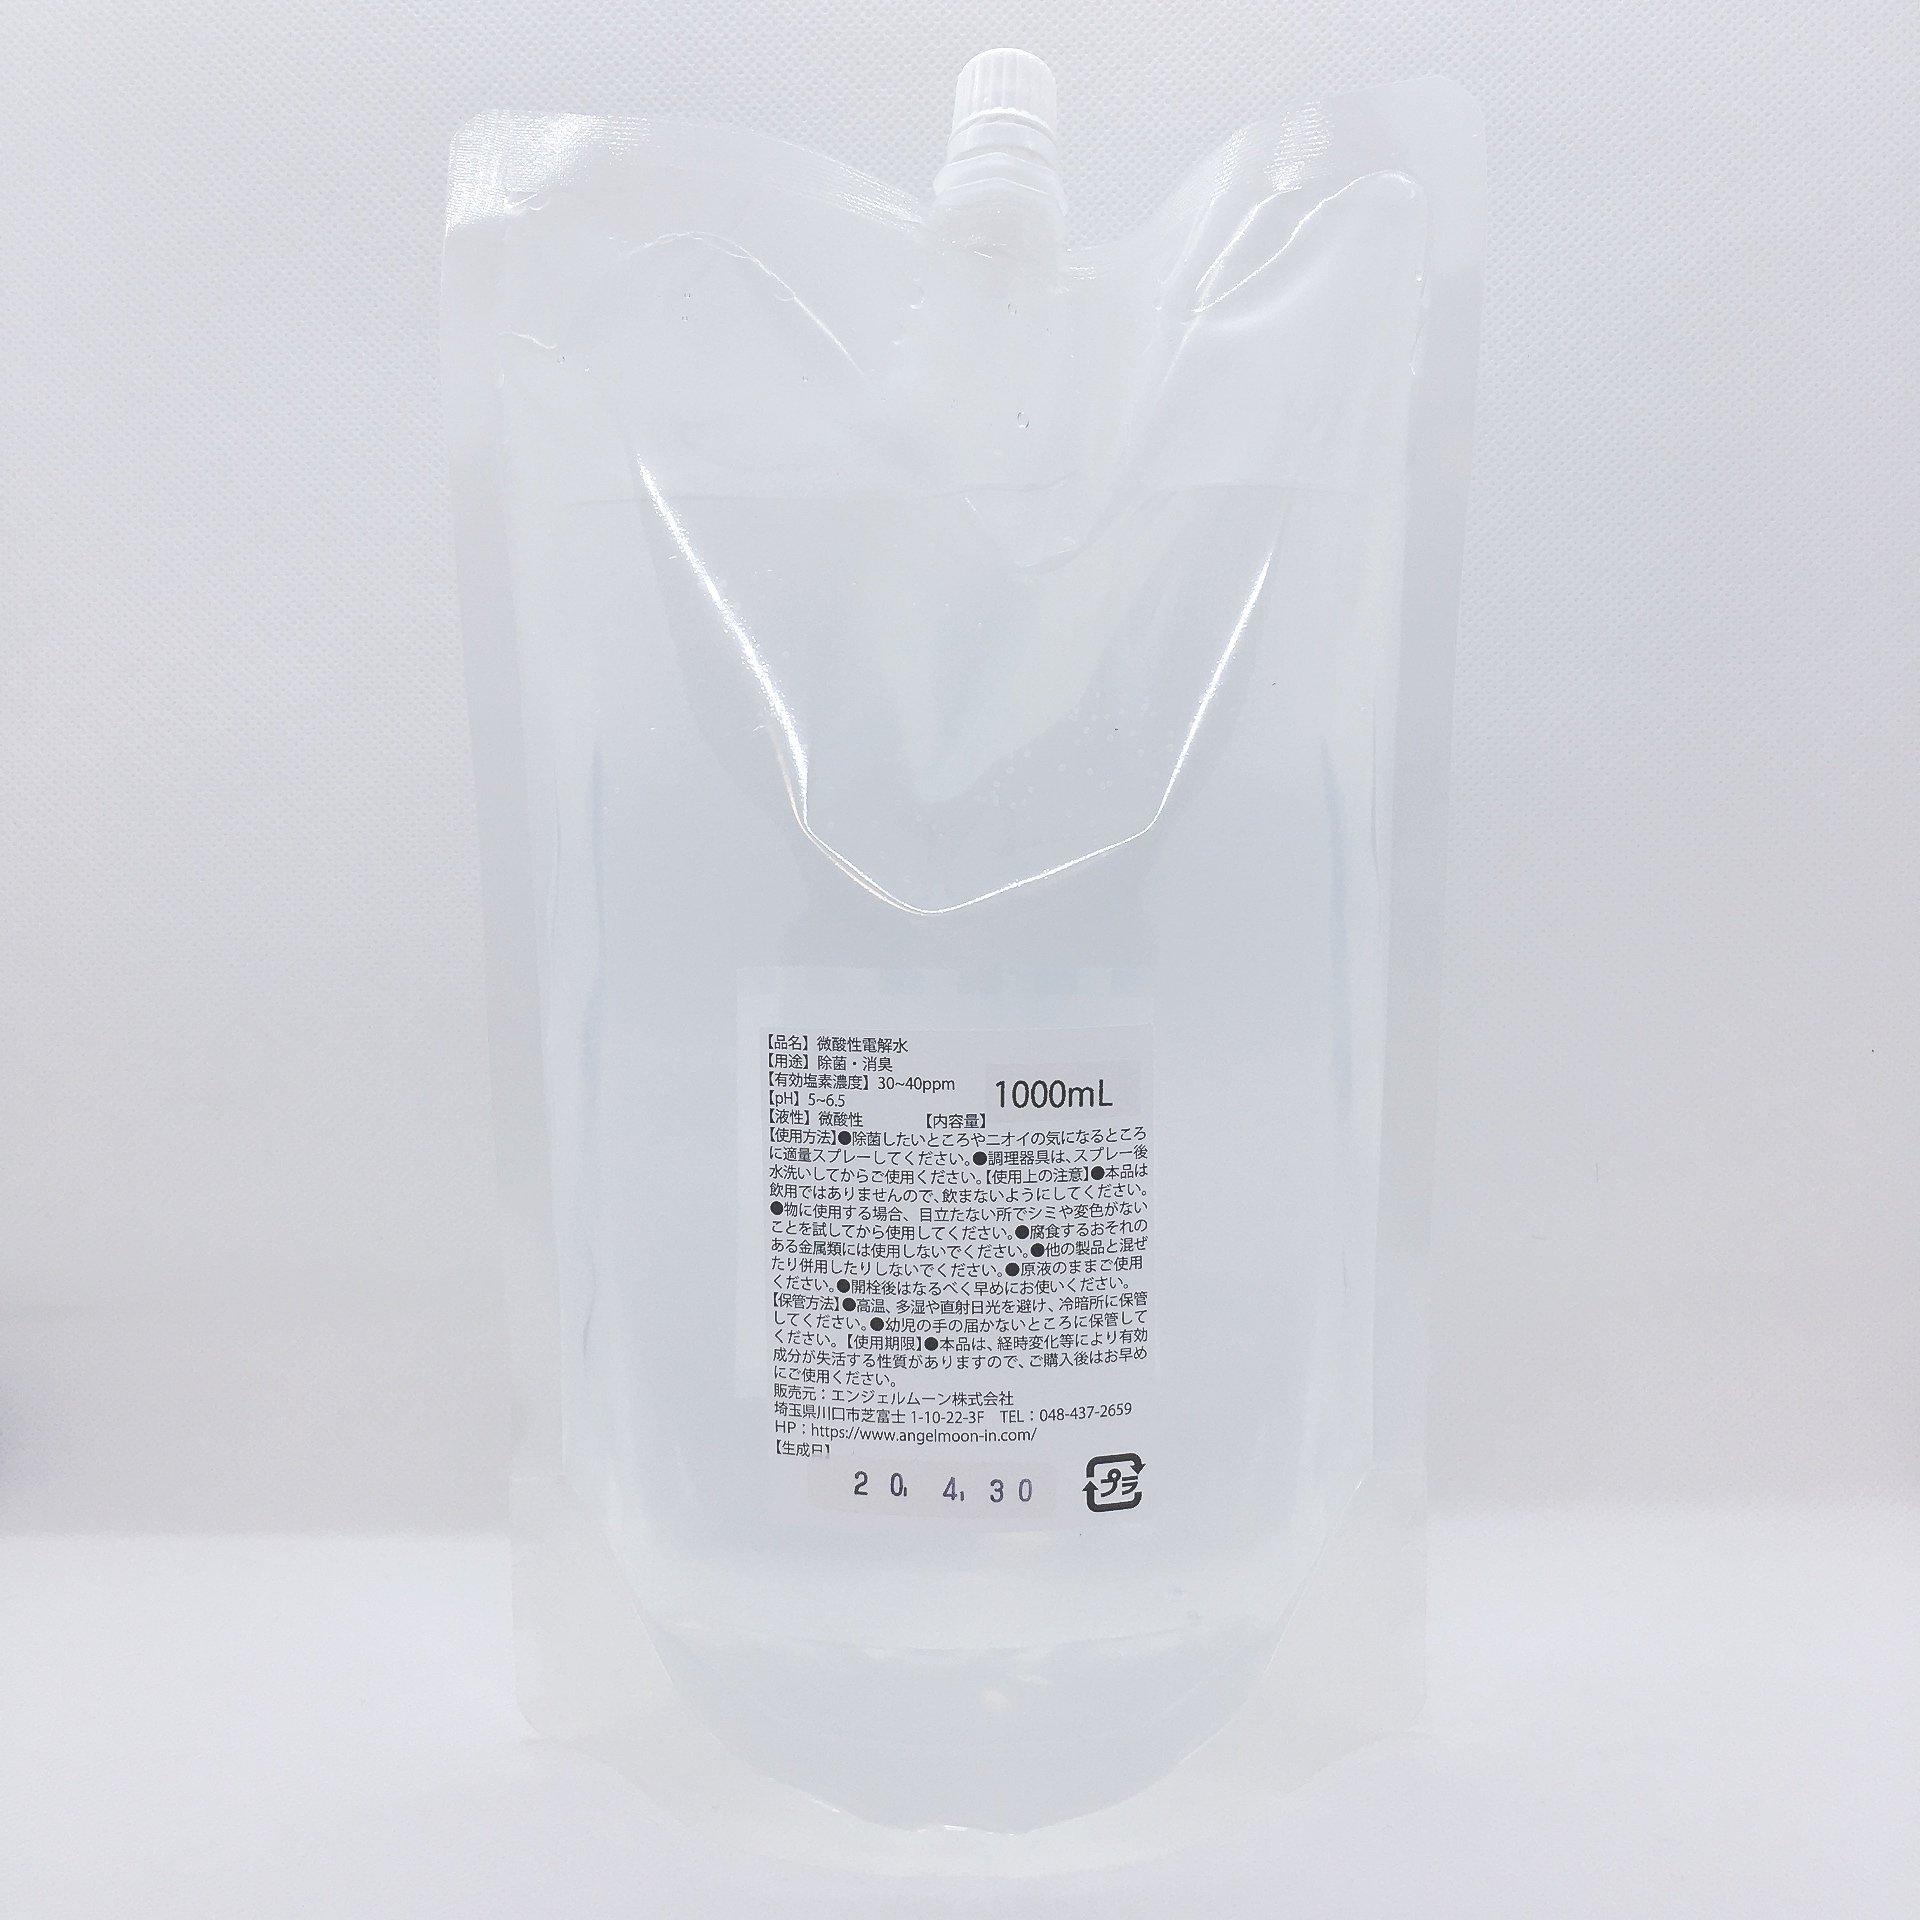 除菌 ガードウォーター 微酸性次亜塩素酸水 除菌消臭剤【安心】【安全】 詰め替え 1000mlのイメージその4